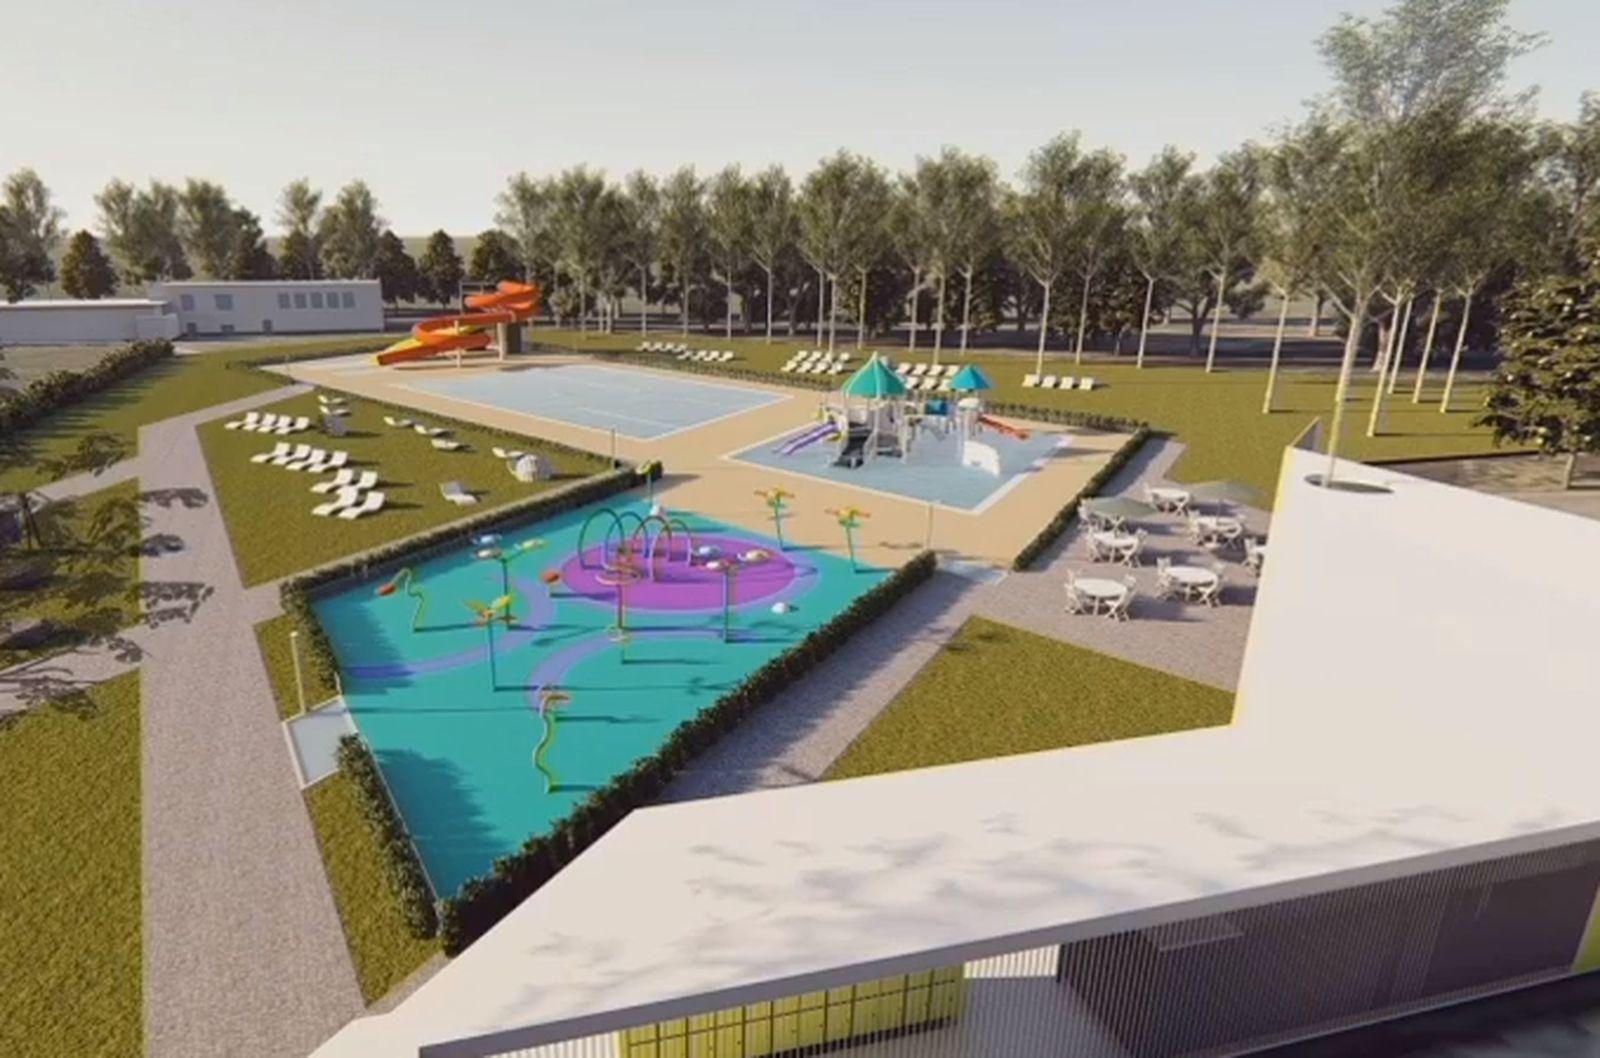 Pojawił się problem. Co dalej z budową basenów zewnętrznych w Pleszewie? - Zdjęcie główne